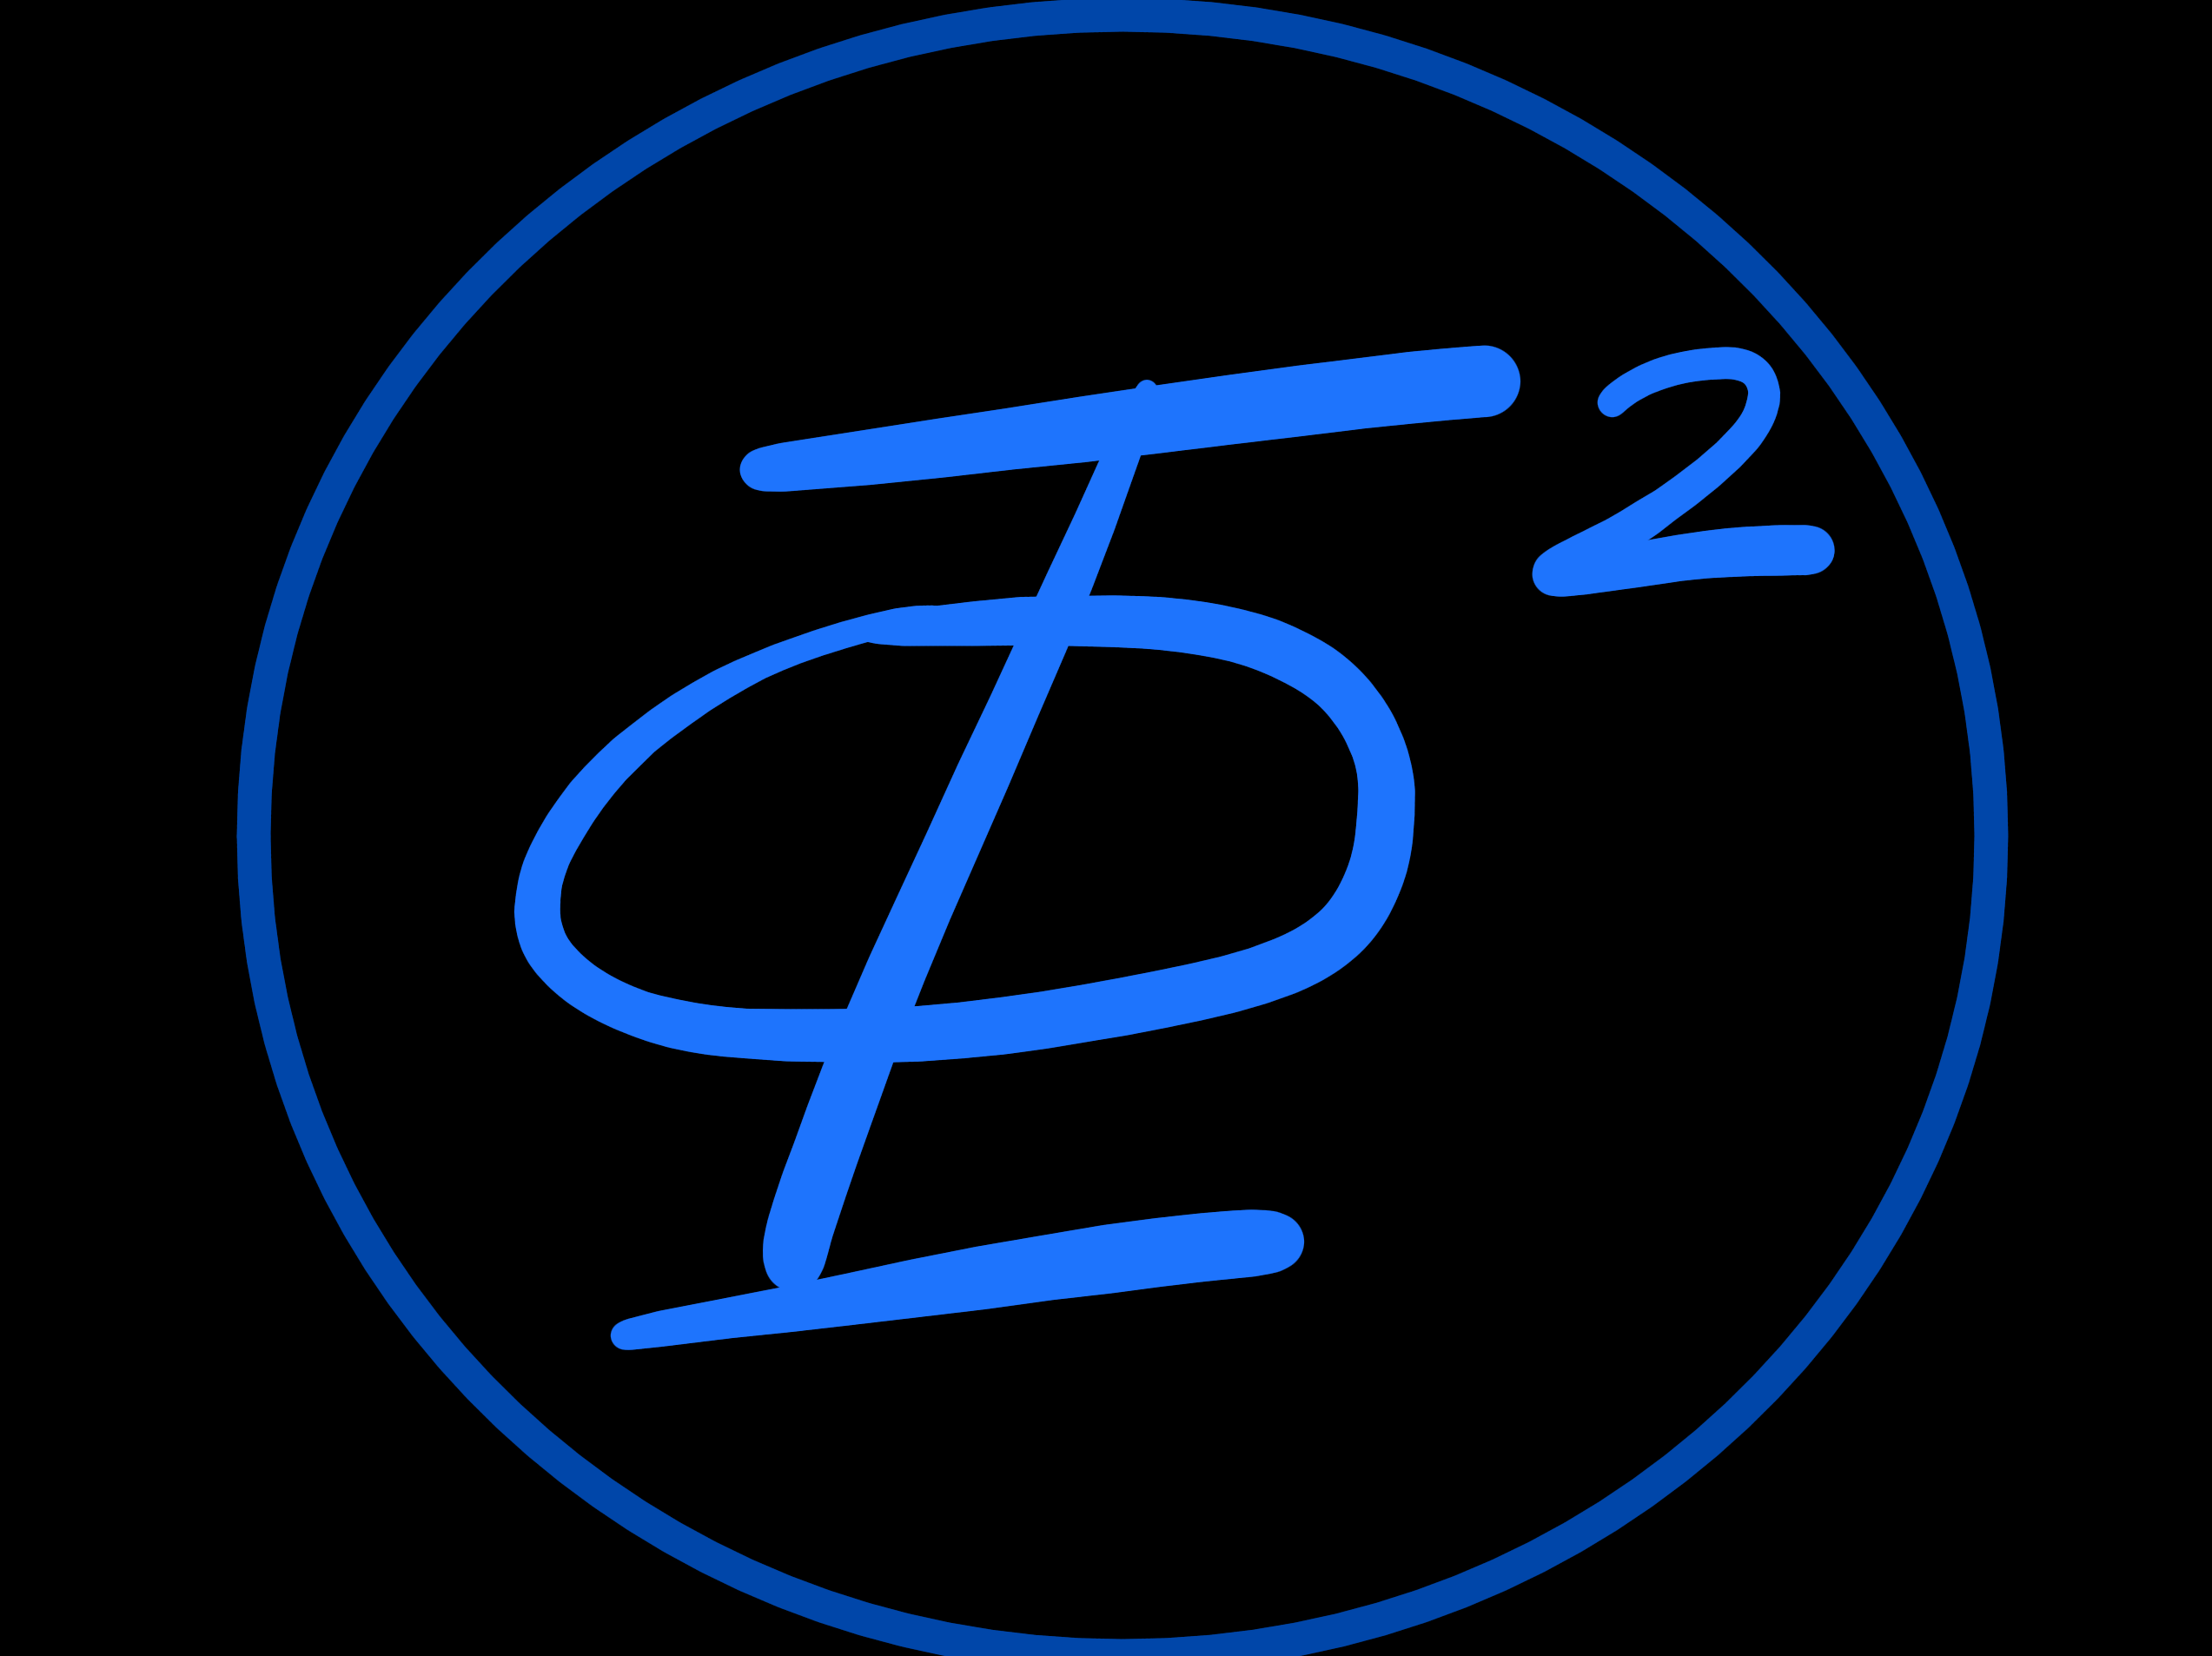 Φυσική Λυκείου- IB/IAL/IGCSE Physics